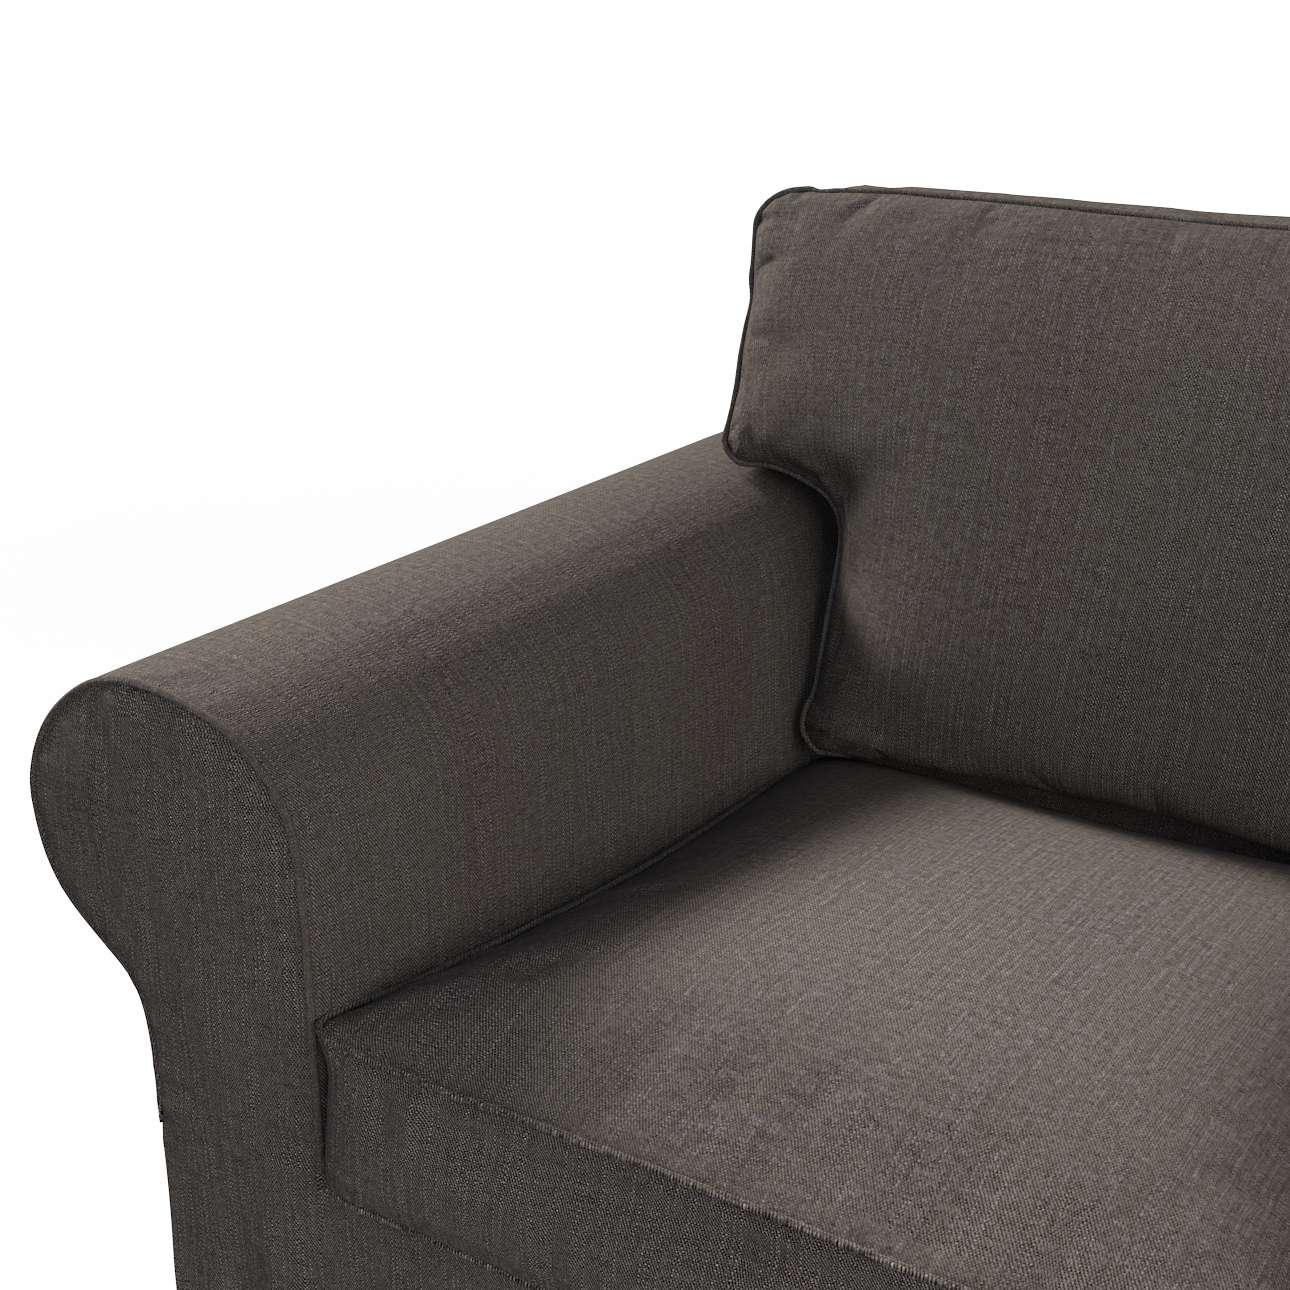 Ektorp 2 sæder sovesofa gammel model<br/>Bredde ca 195cm Betræk uden sofa fra kollektionen Vintage, Stof: 702-36